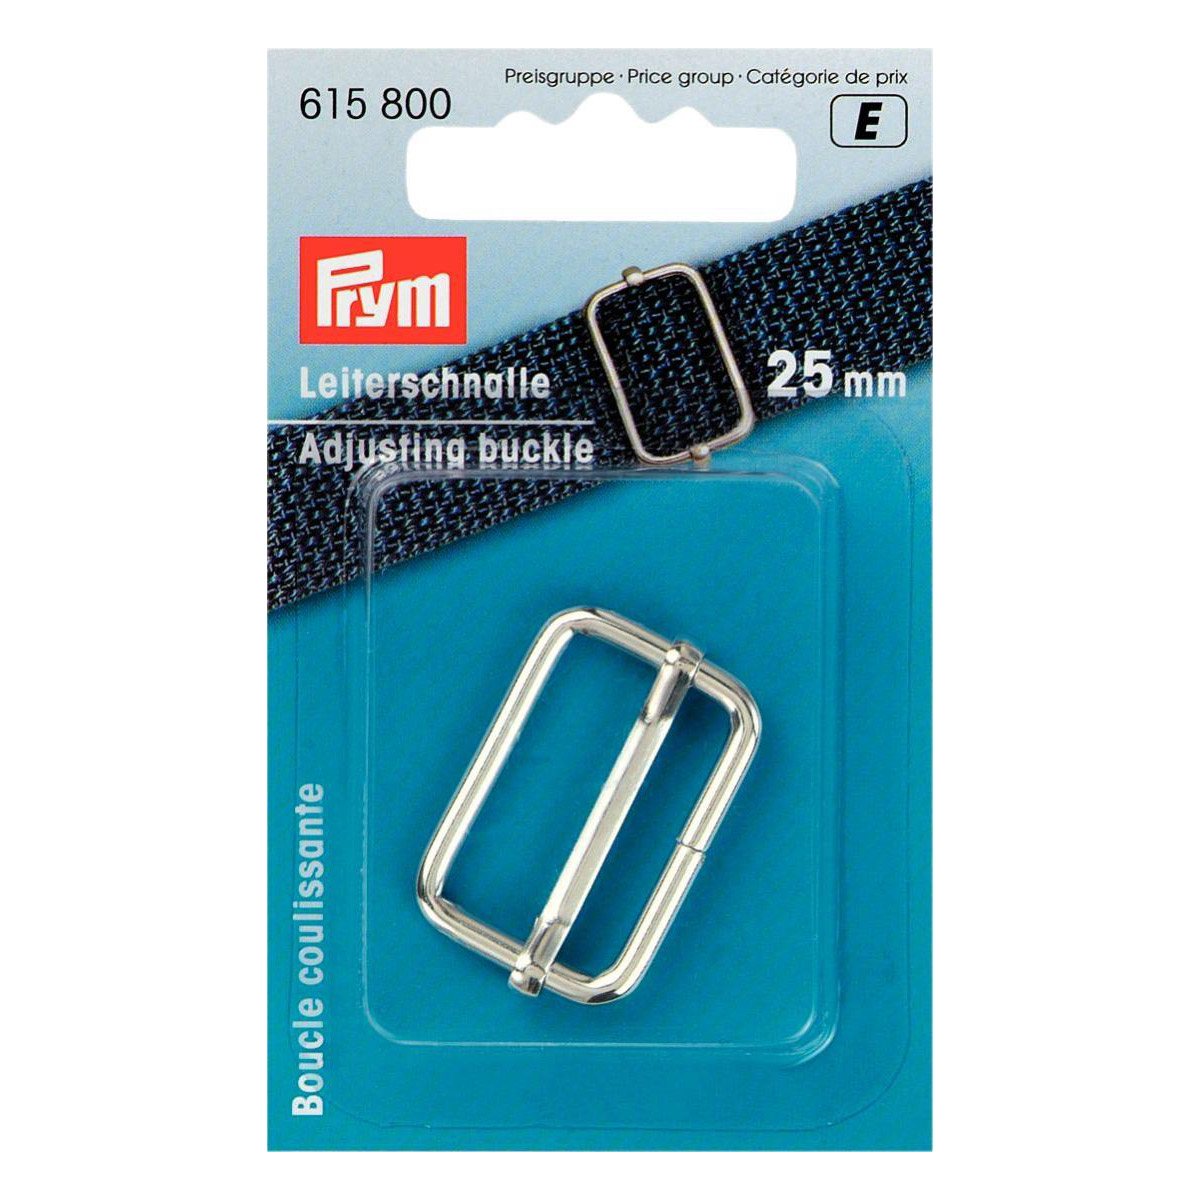 PRYM Leiterschnalle 25mm silber